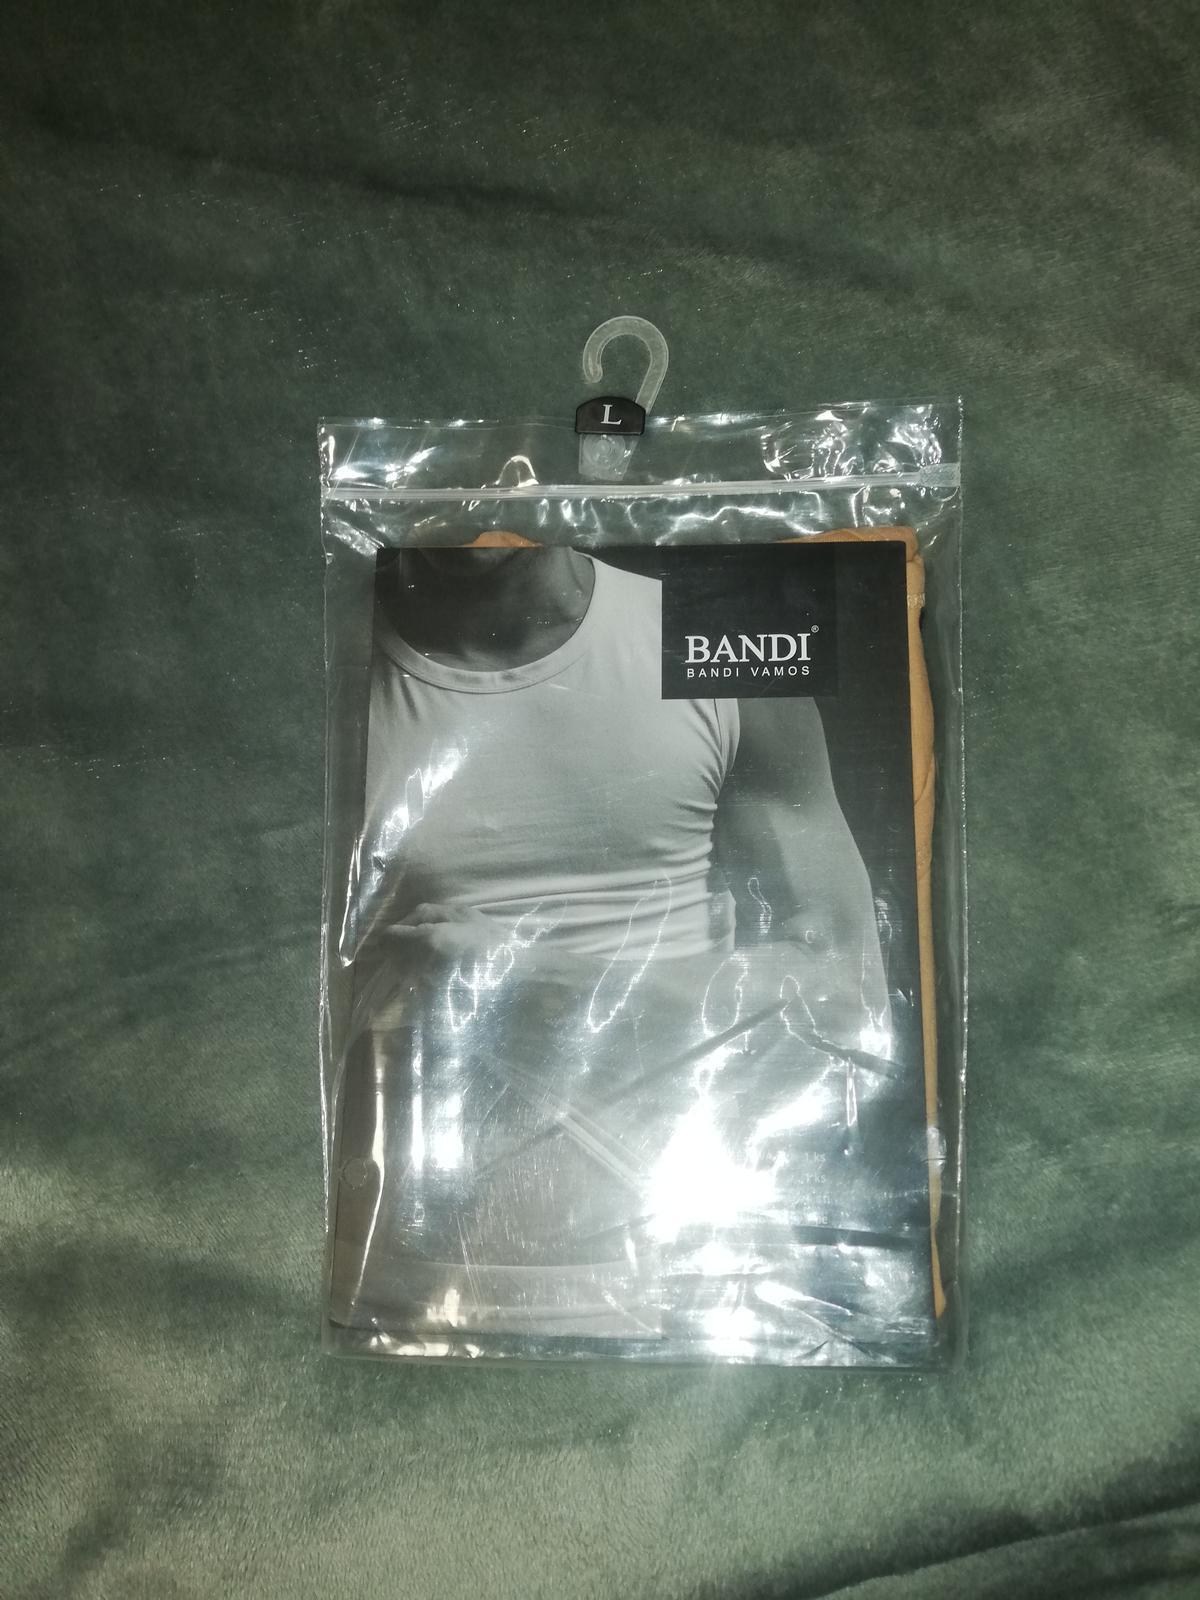 Pánský nátělník BANDI - Obrázek č. 1